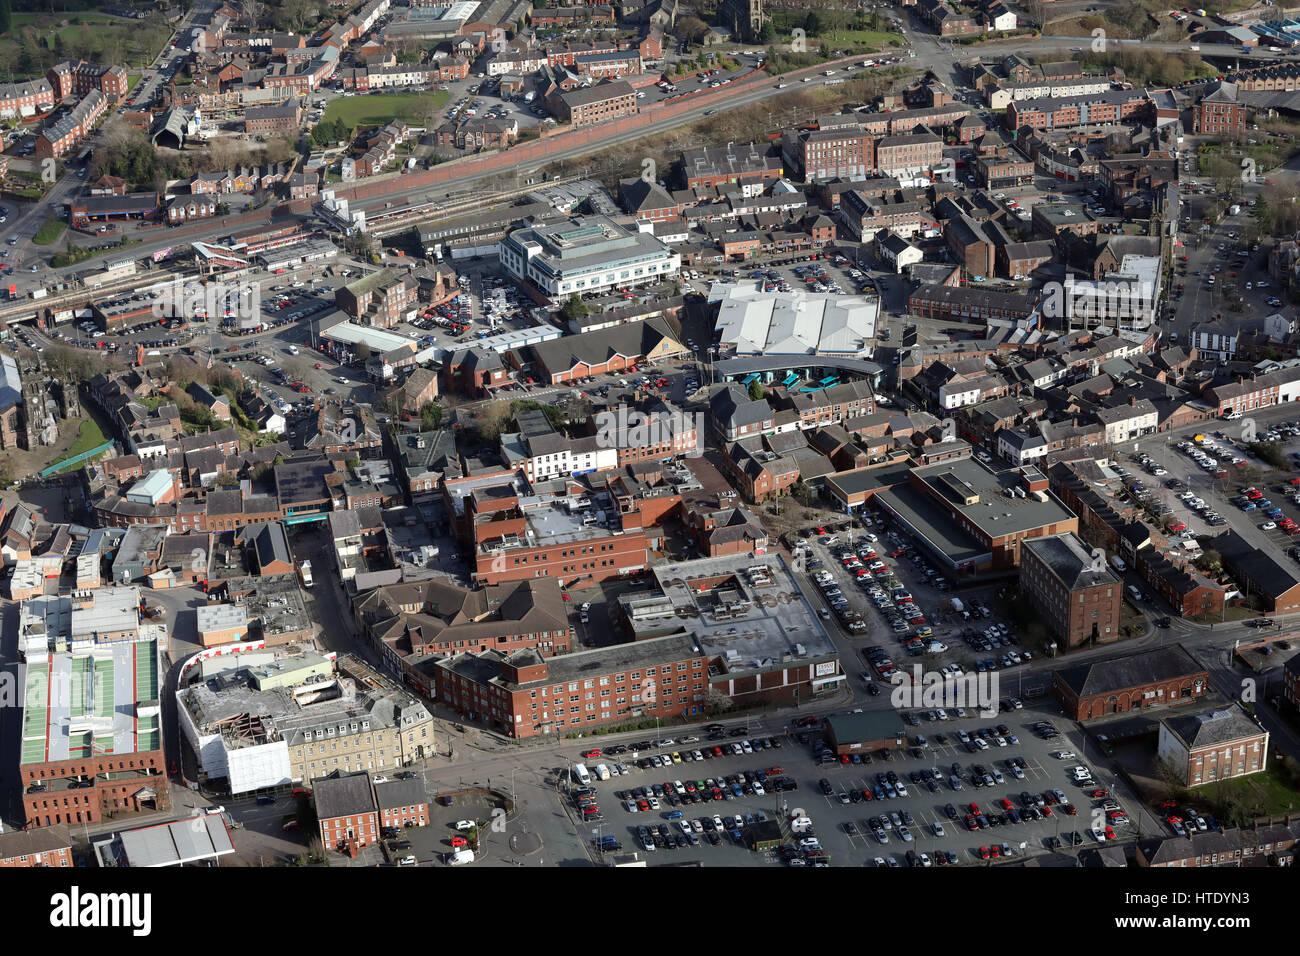 Luftaufnahme des Stadtzentrums Macclesfield, Cheshire, UK Stockbild